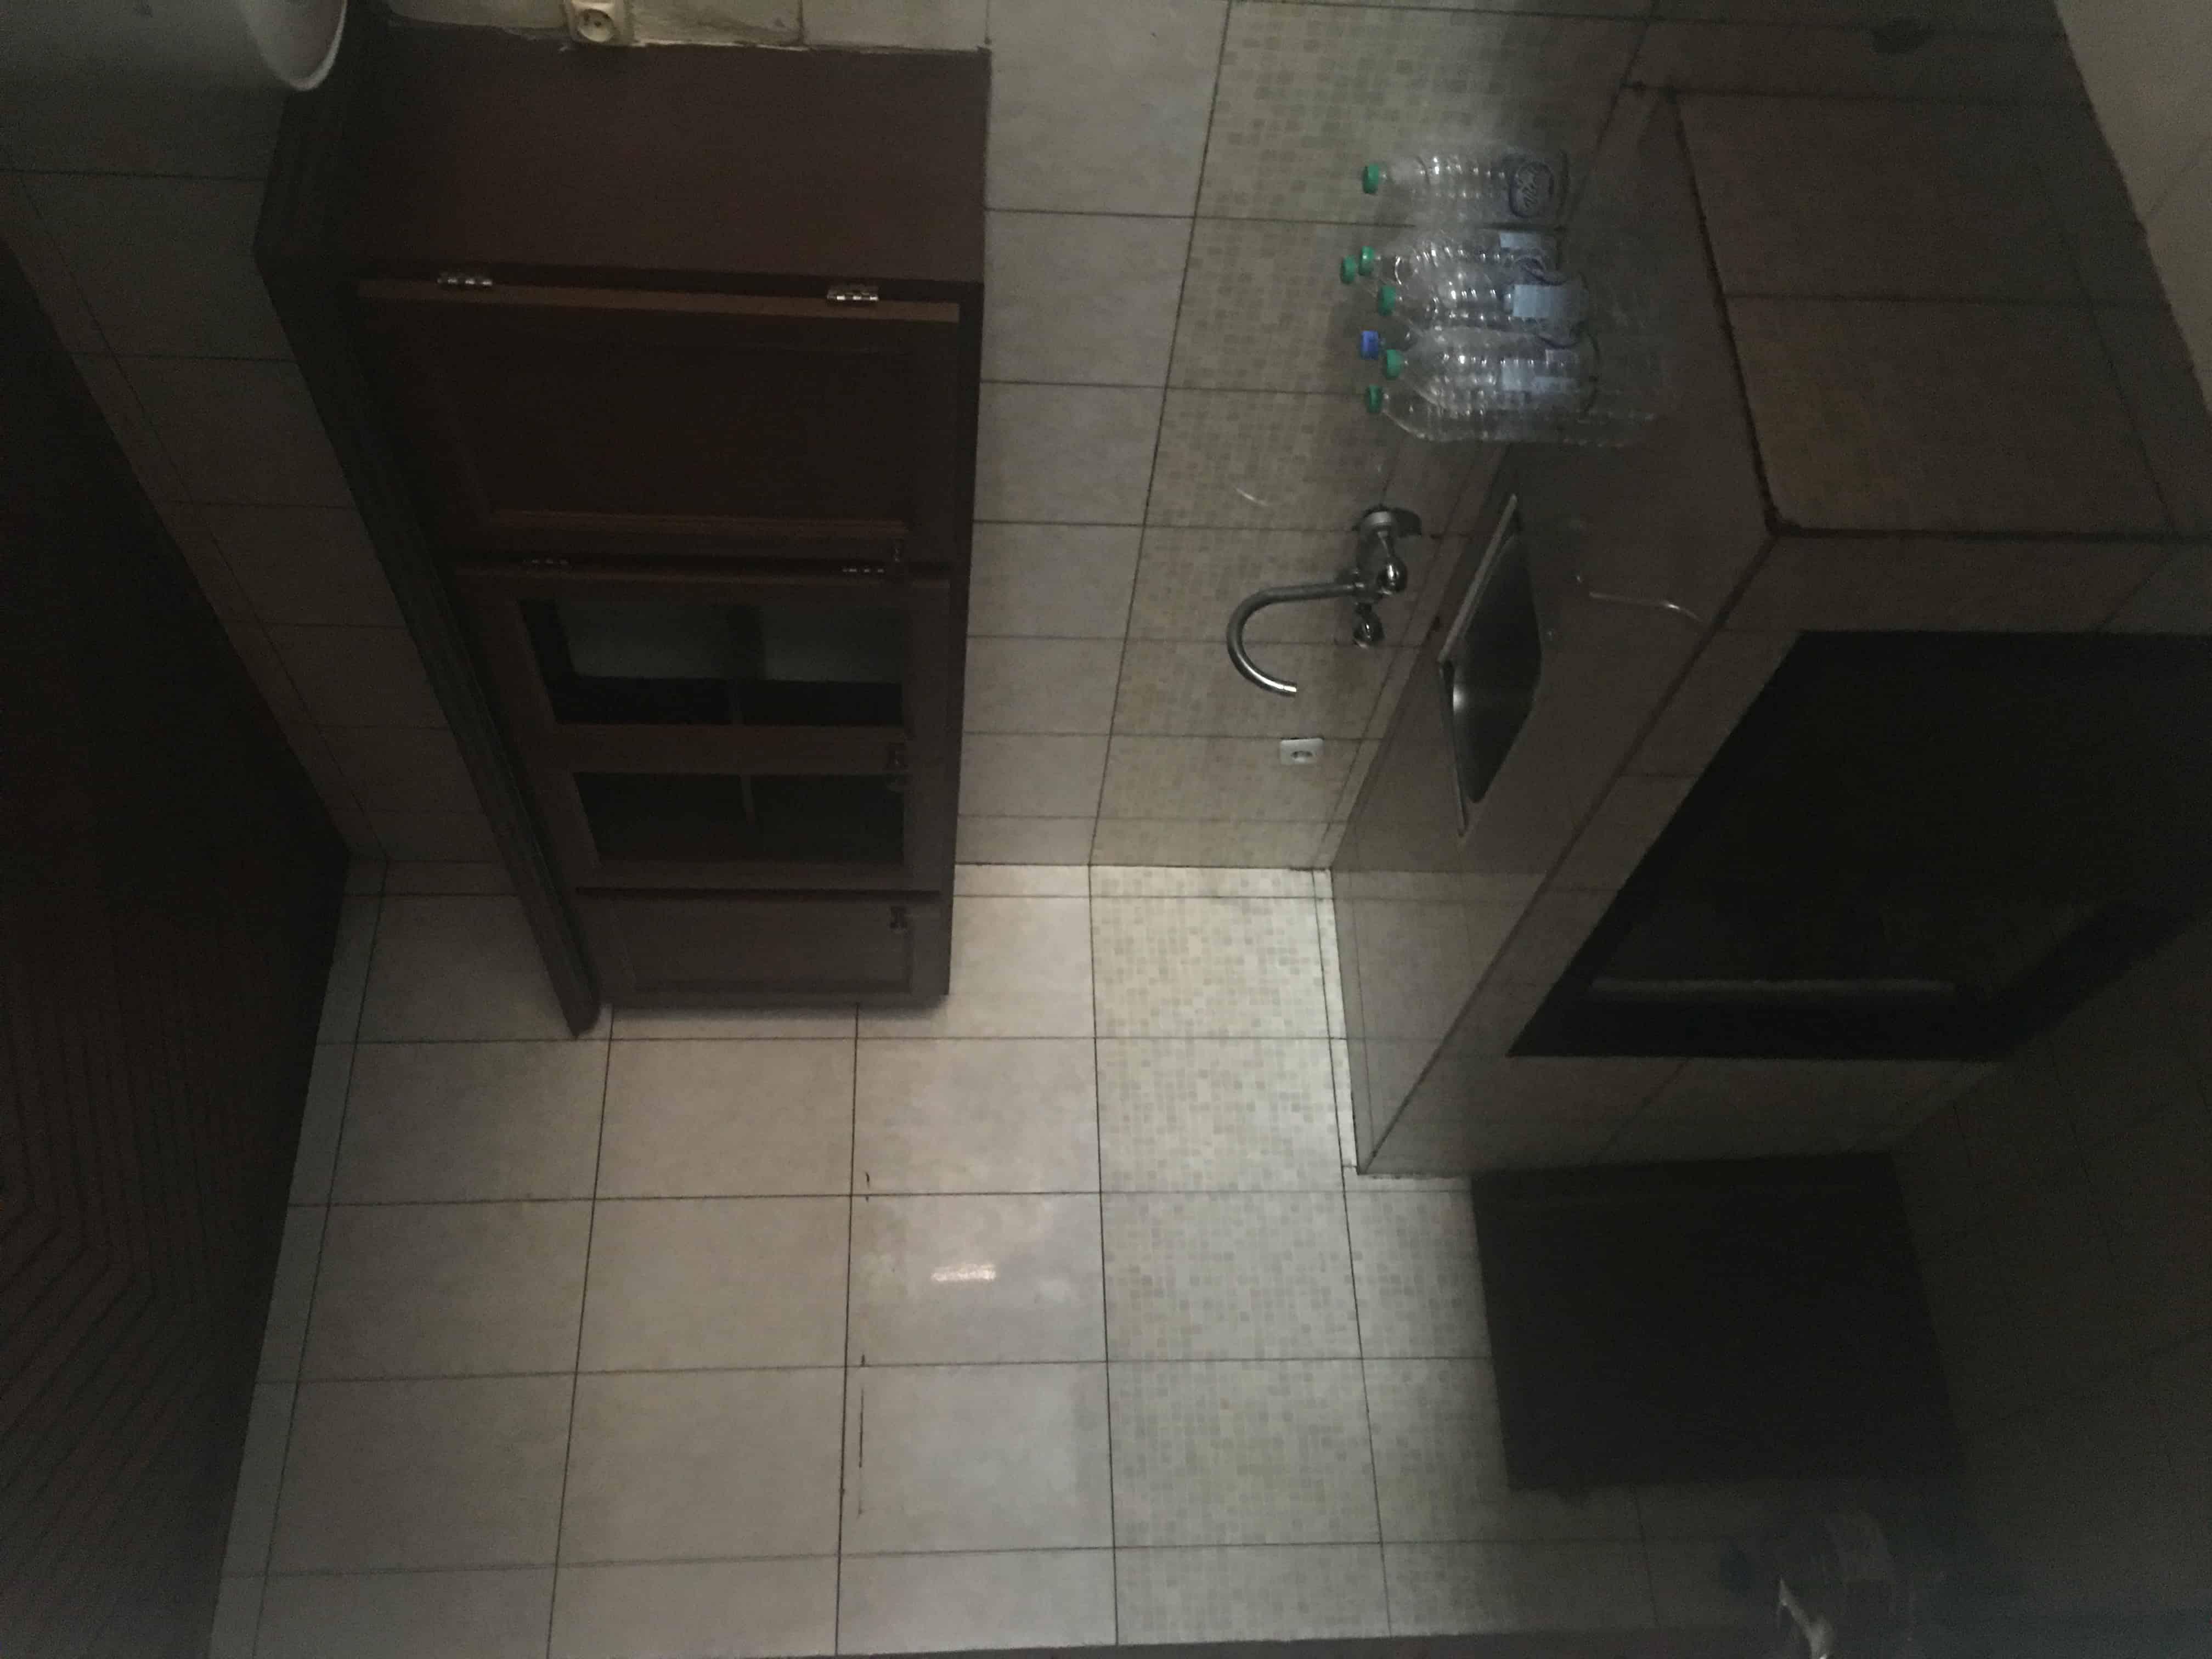 Apartment to rent - Yaoundé, Quartier Fouda, Carrefour - 1 living room(s), 2 bedroom(s), 1 bathroom(s) - 200 000 FCFA / month